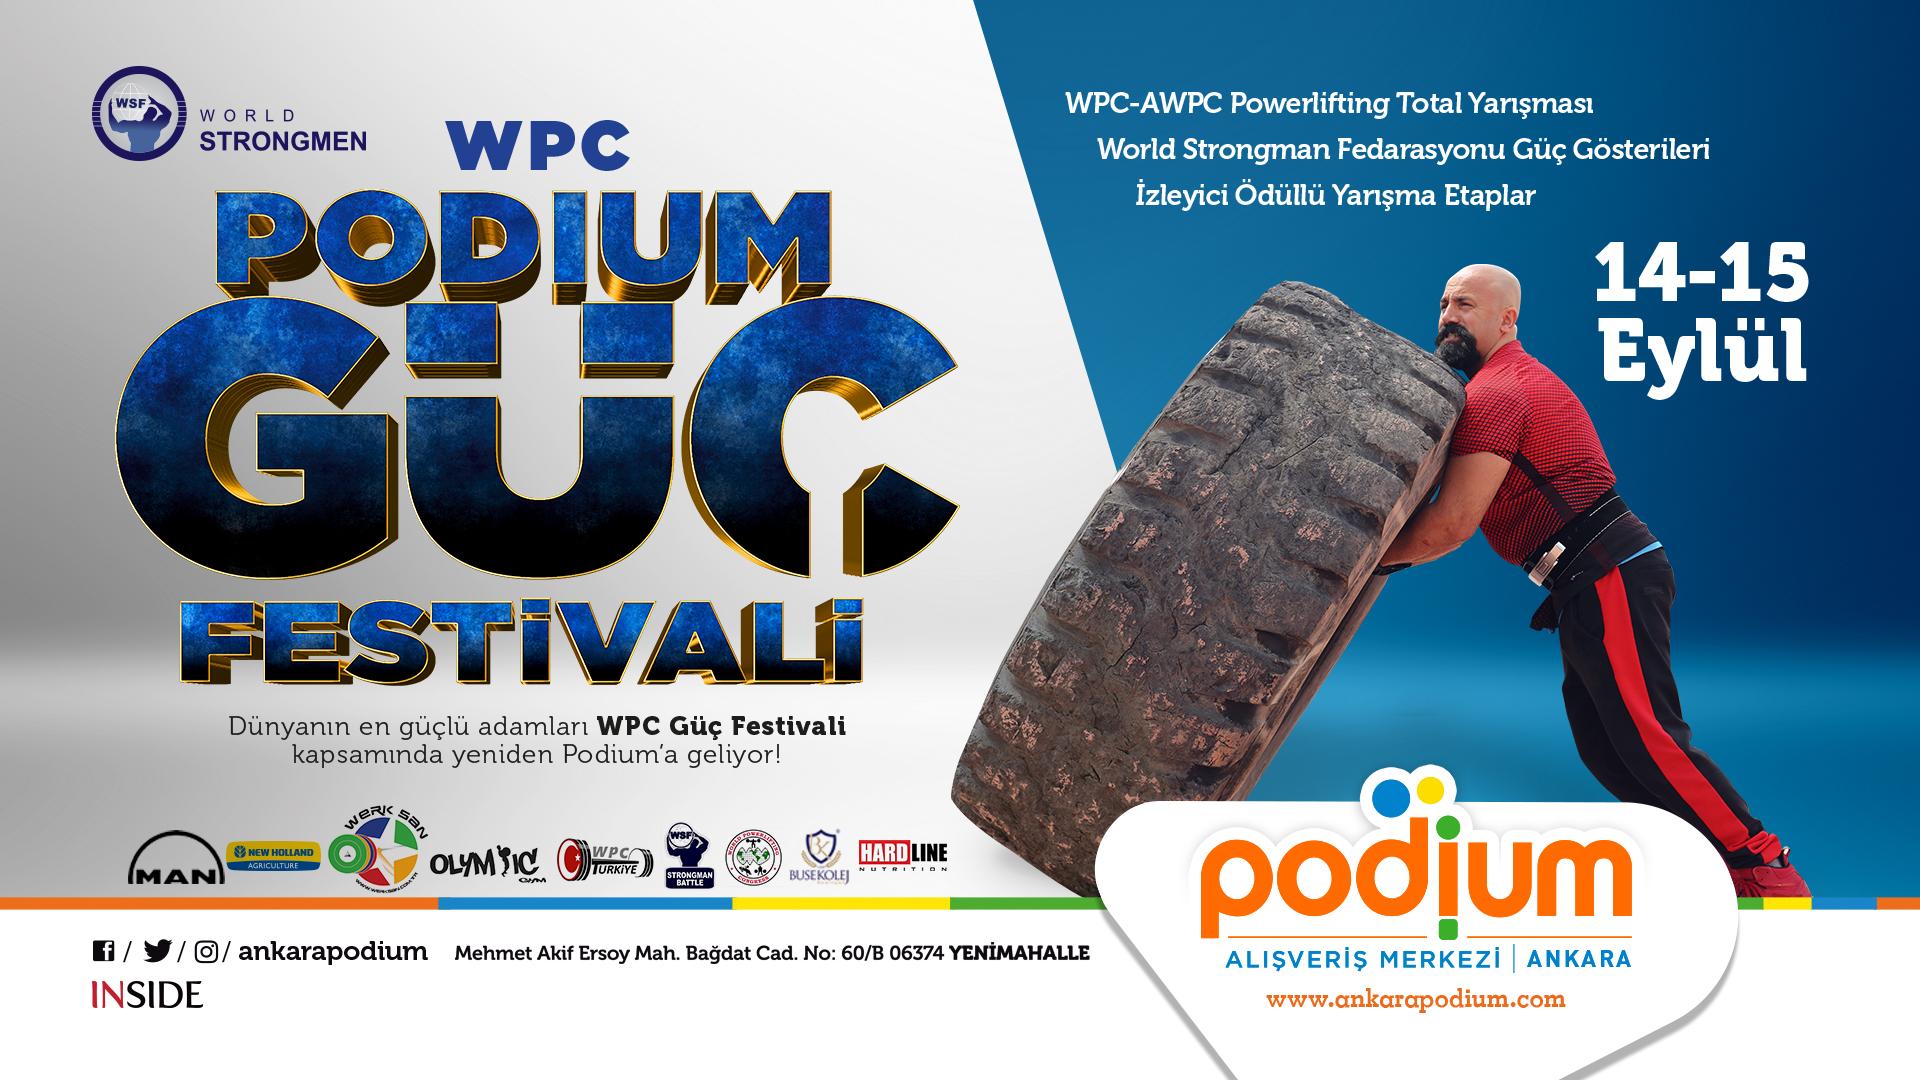 Podium Ankara WPC Güç Festivali'ne ev sahipliği yapıyor